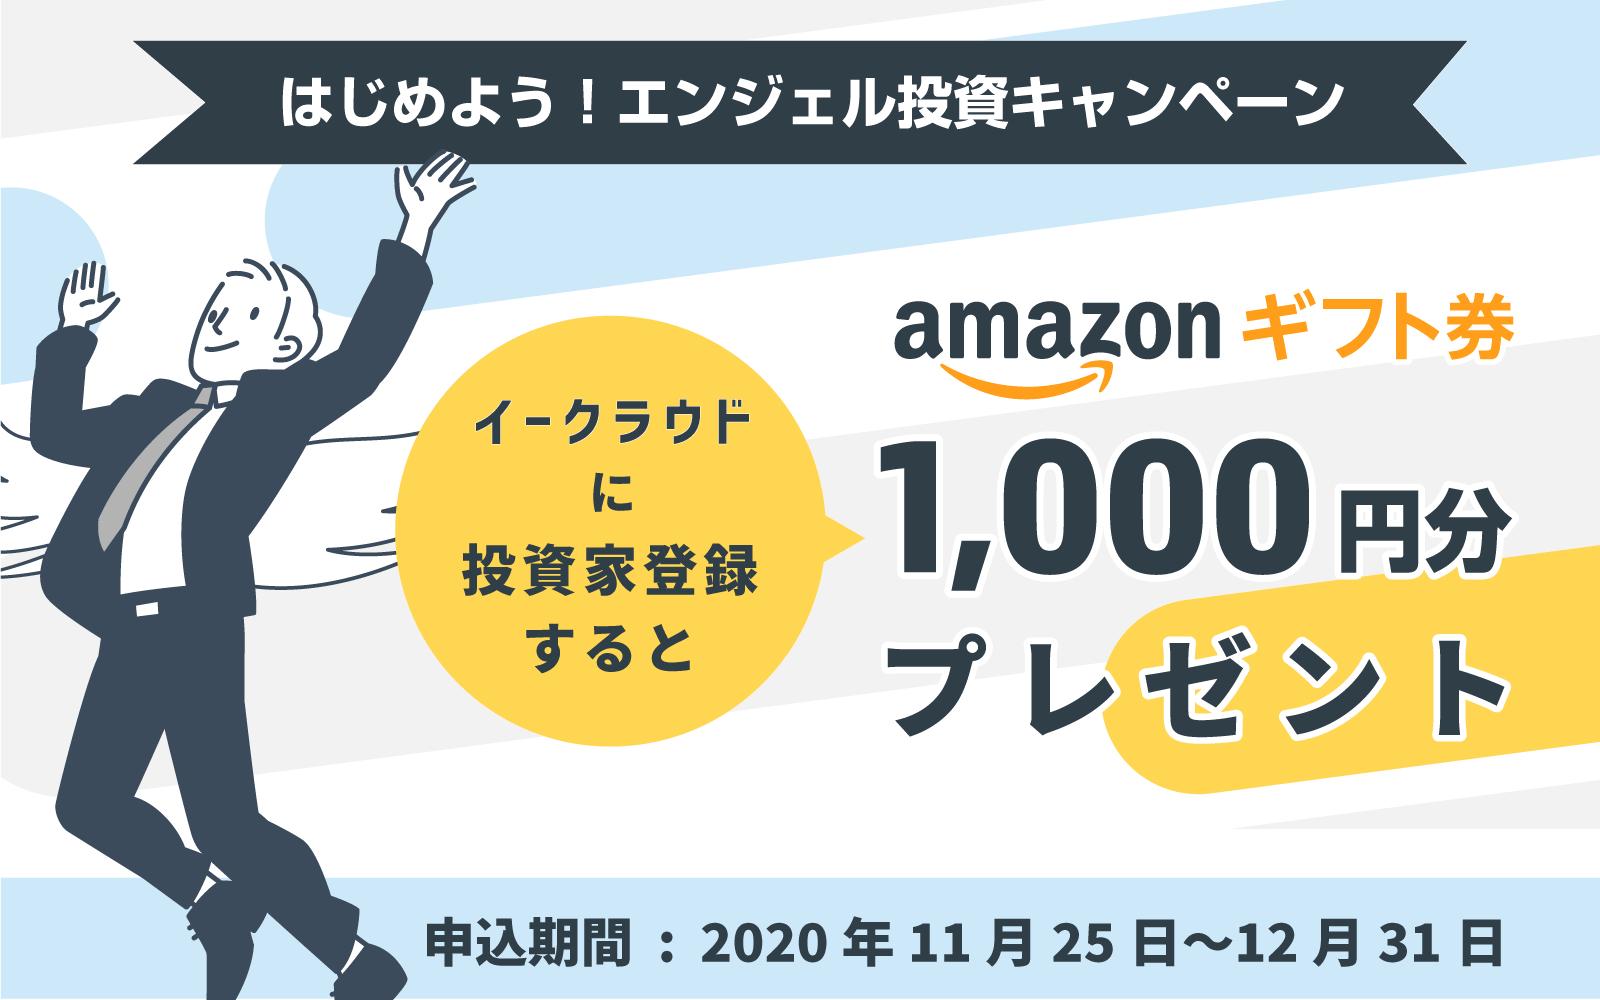 はじめよう!エンジェル投資キャンペーン投資家登録でAmazonギフト券対象者全員1000円分プレゼント